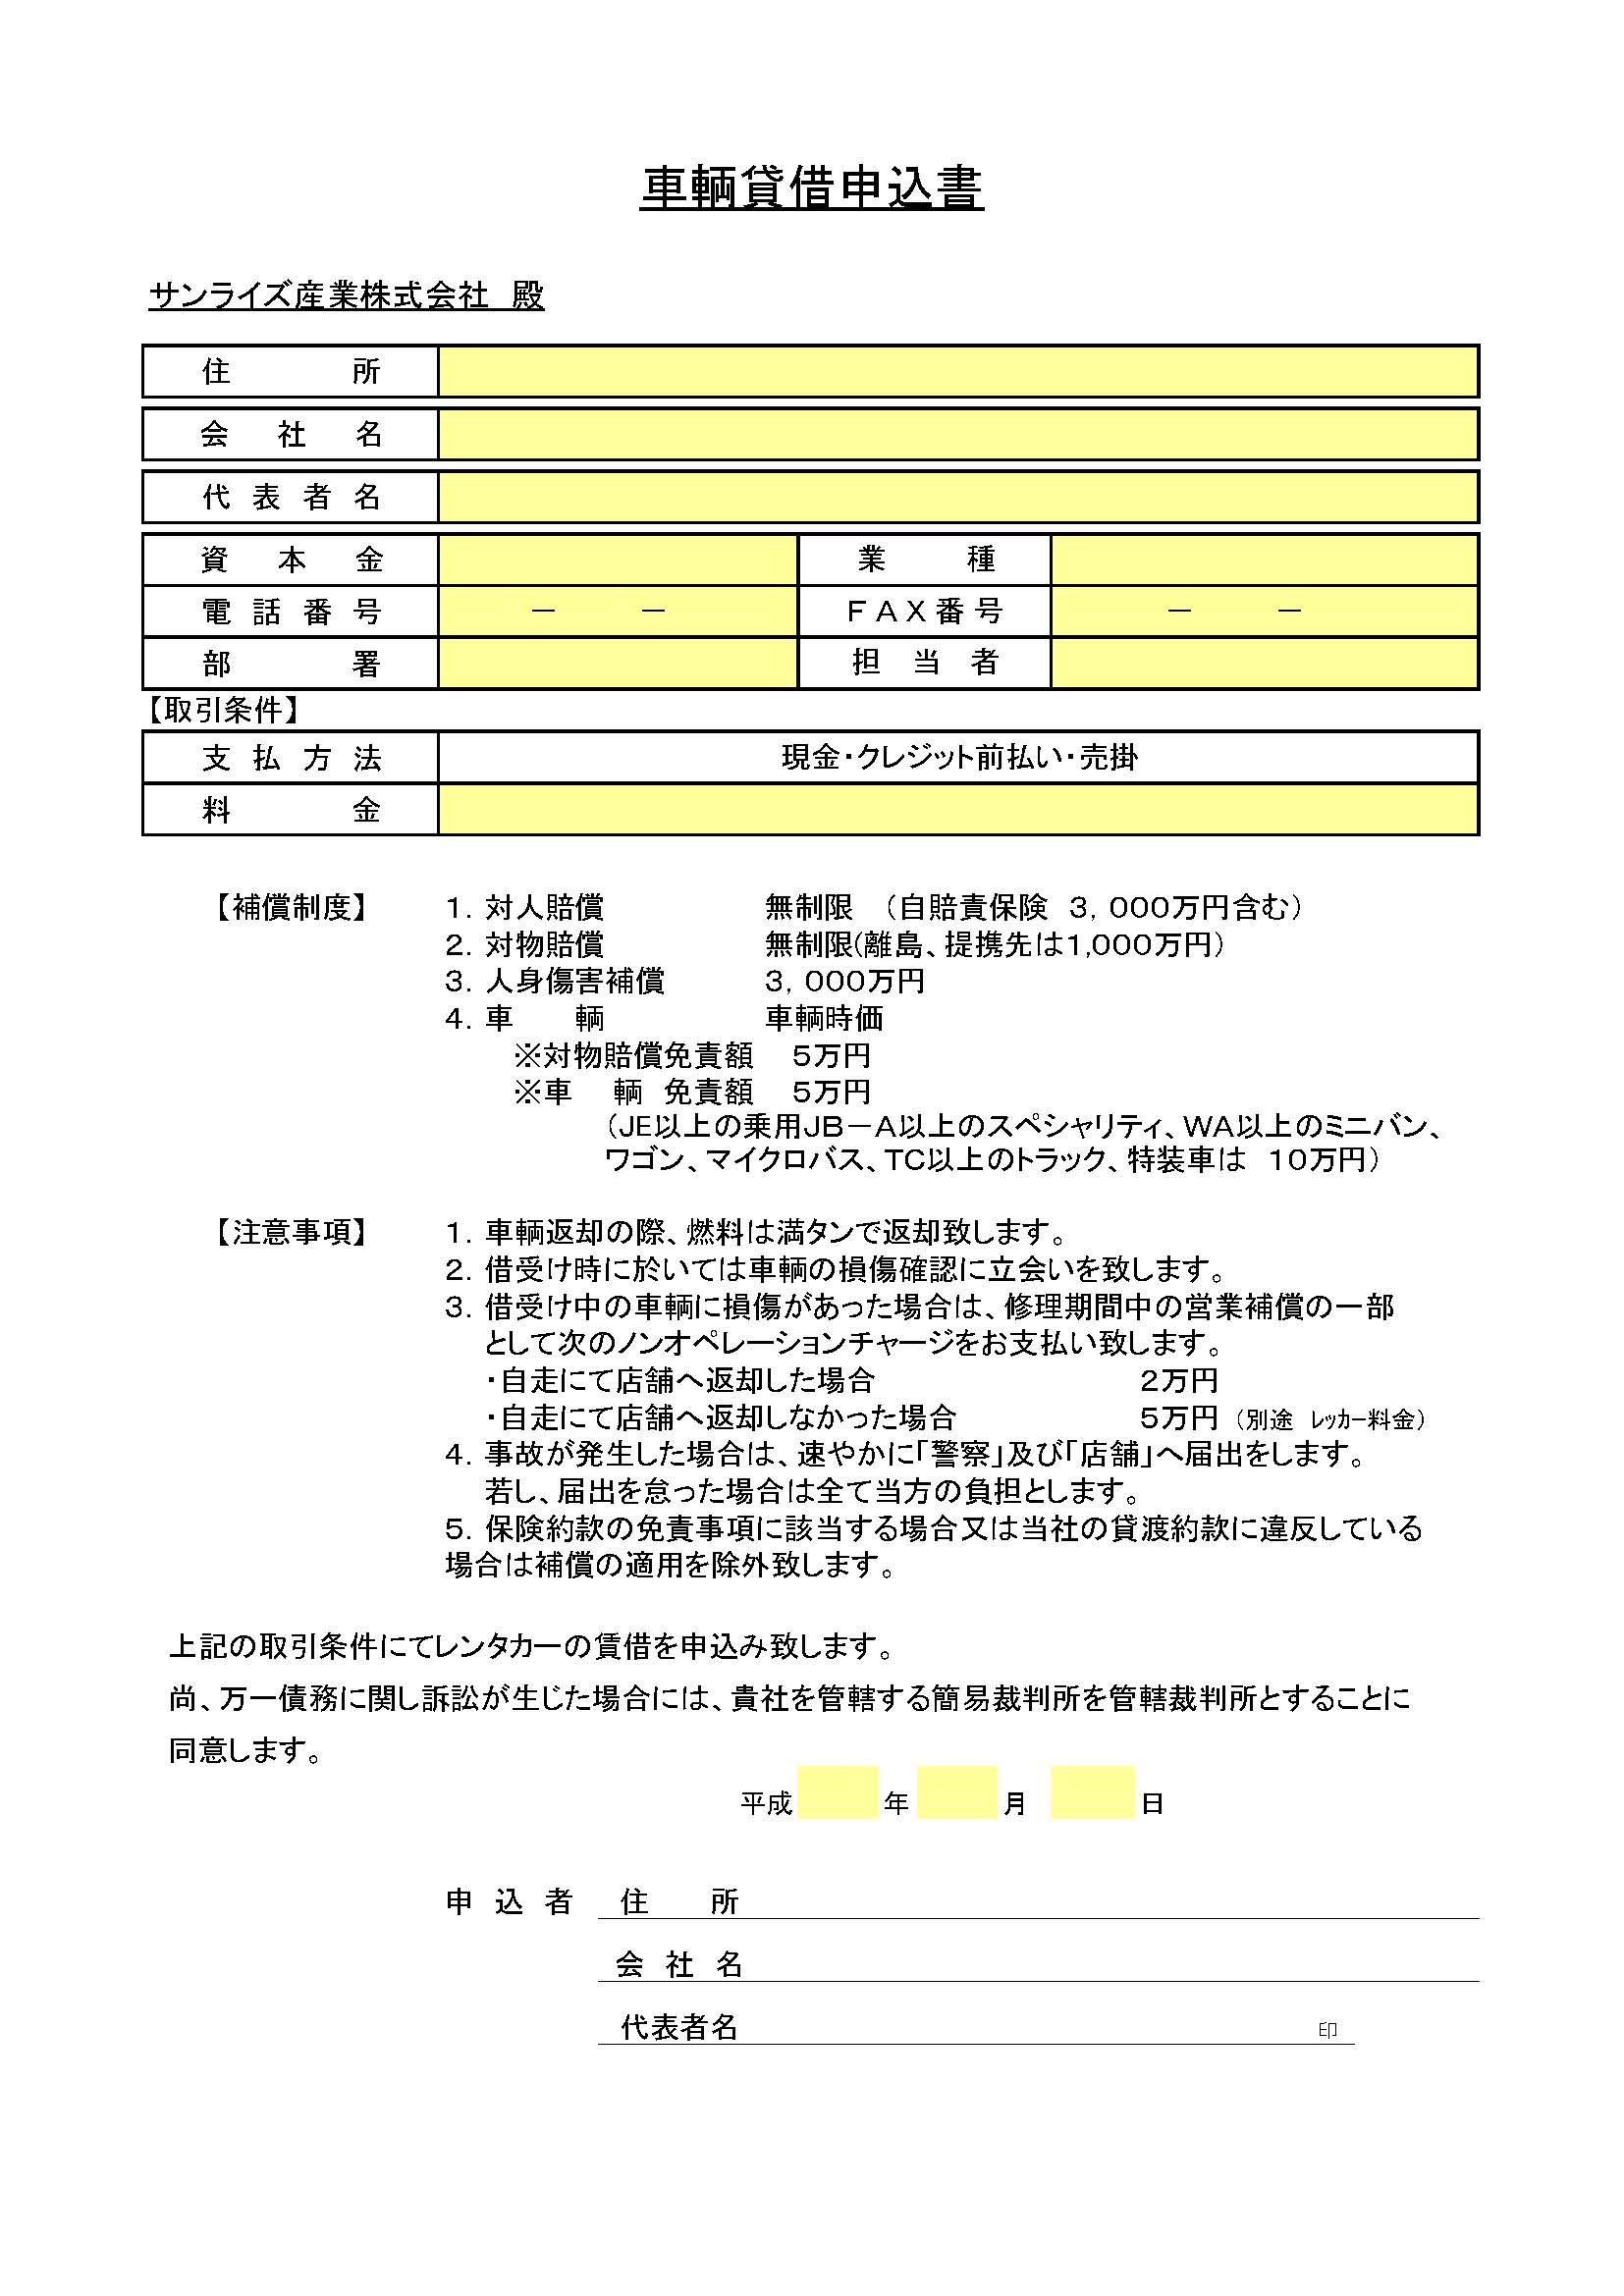 法人向けレンタカーの申込用紙 バジェット・レンタカー